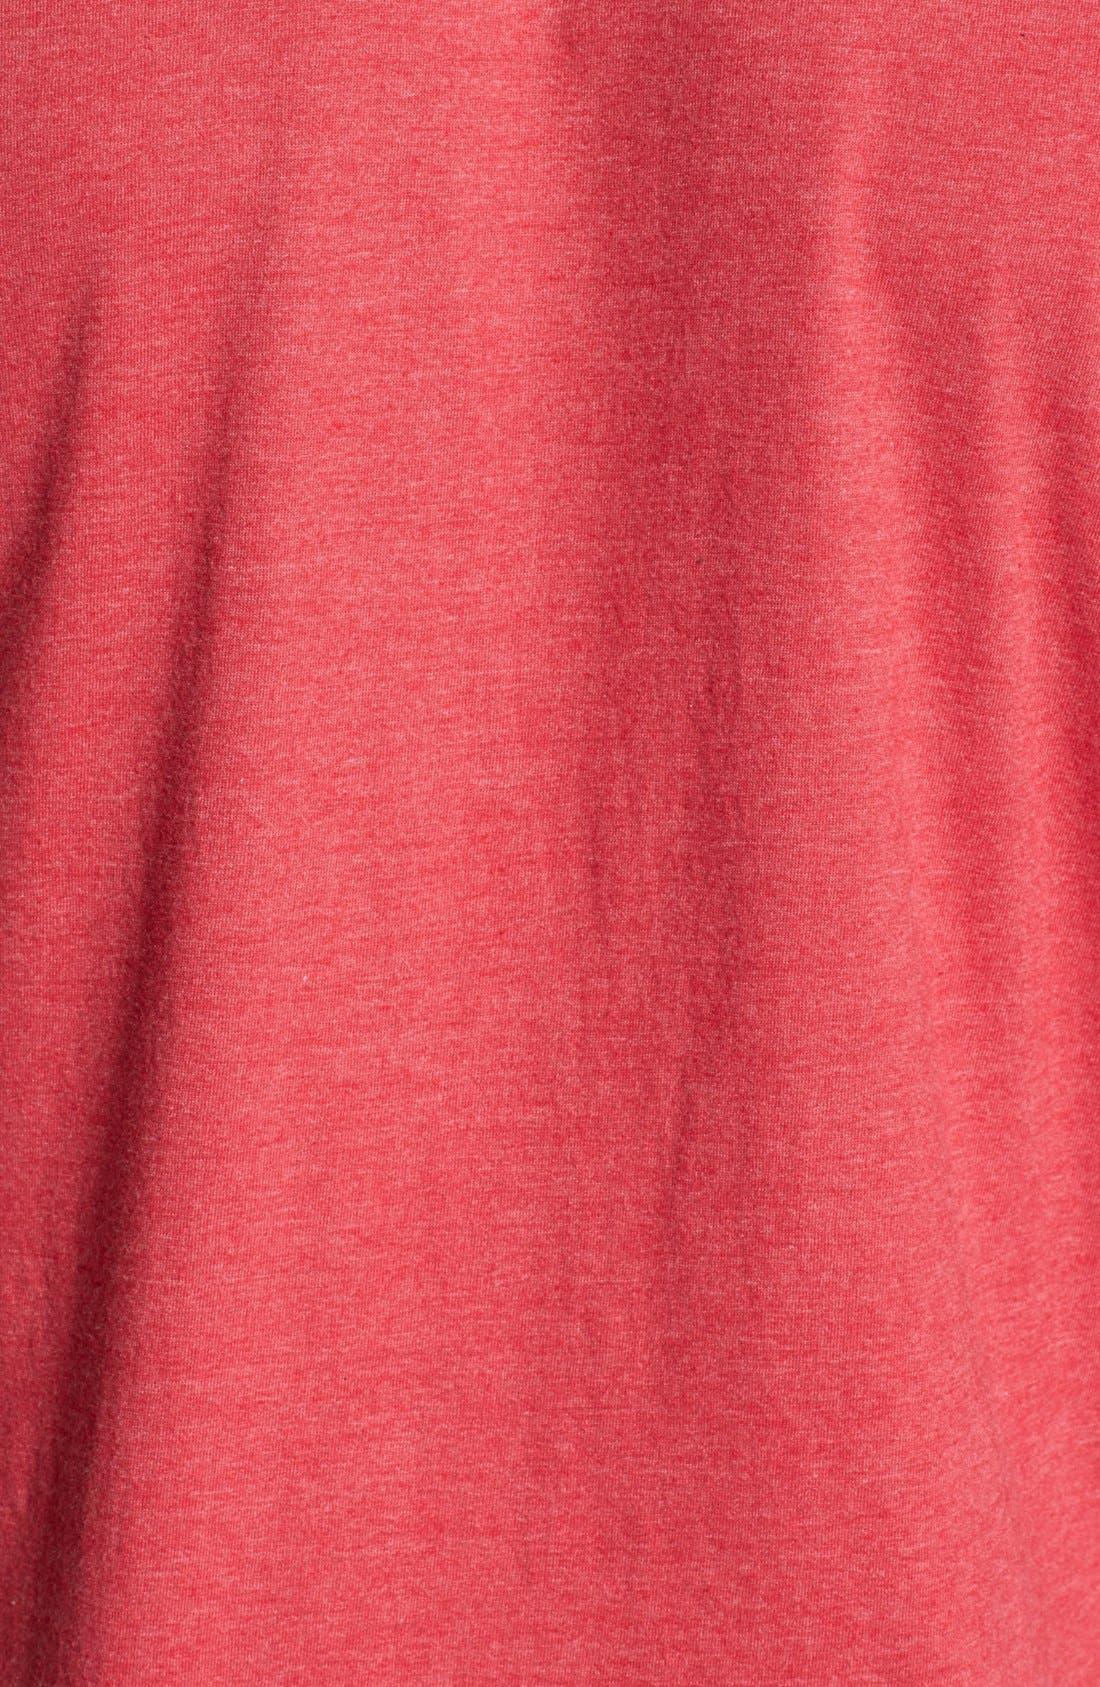 Alternate Image 3  - Topless 'Munchies' Graphic T-Shirt